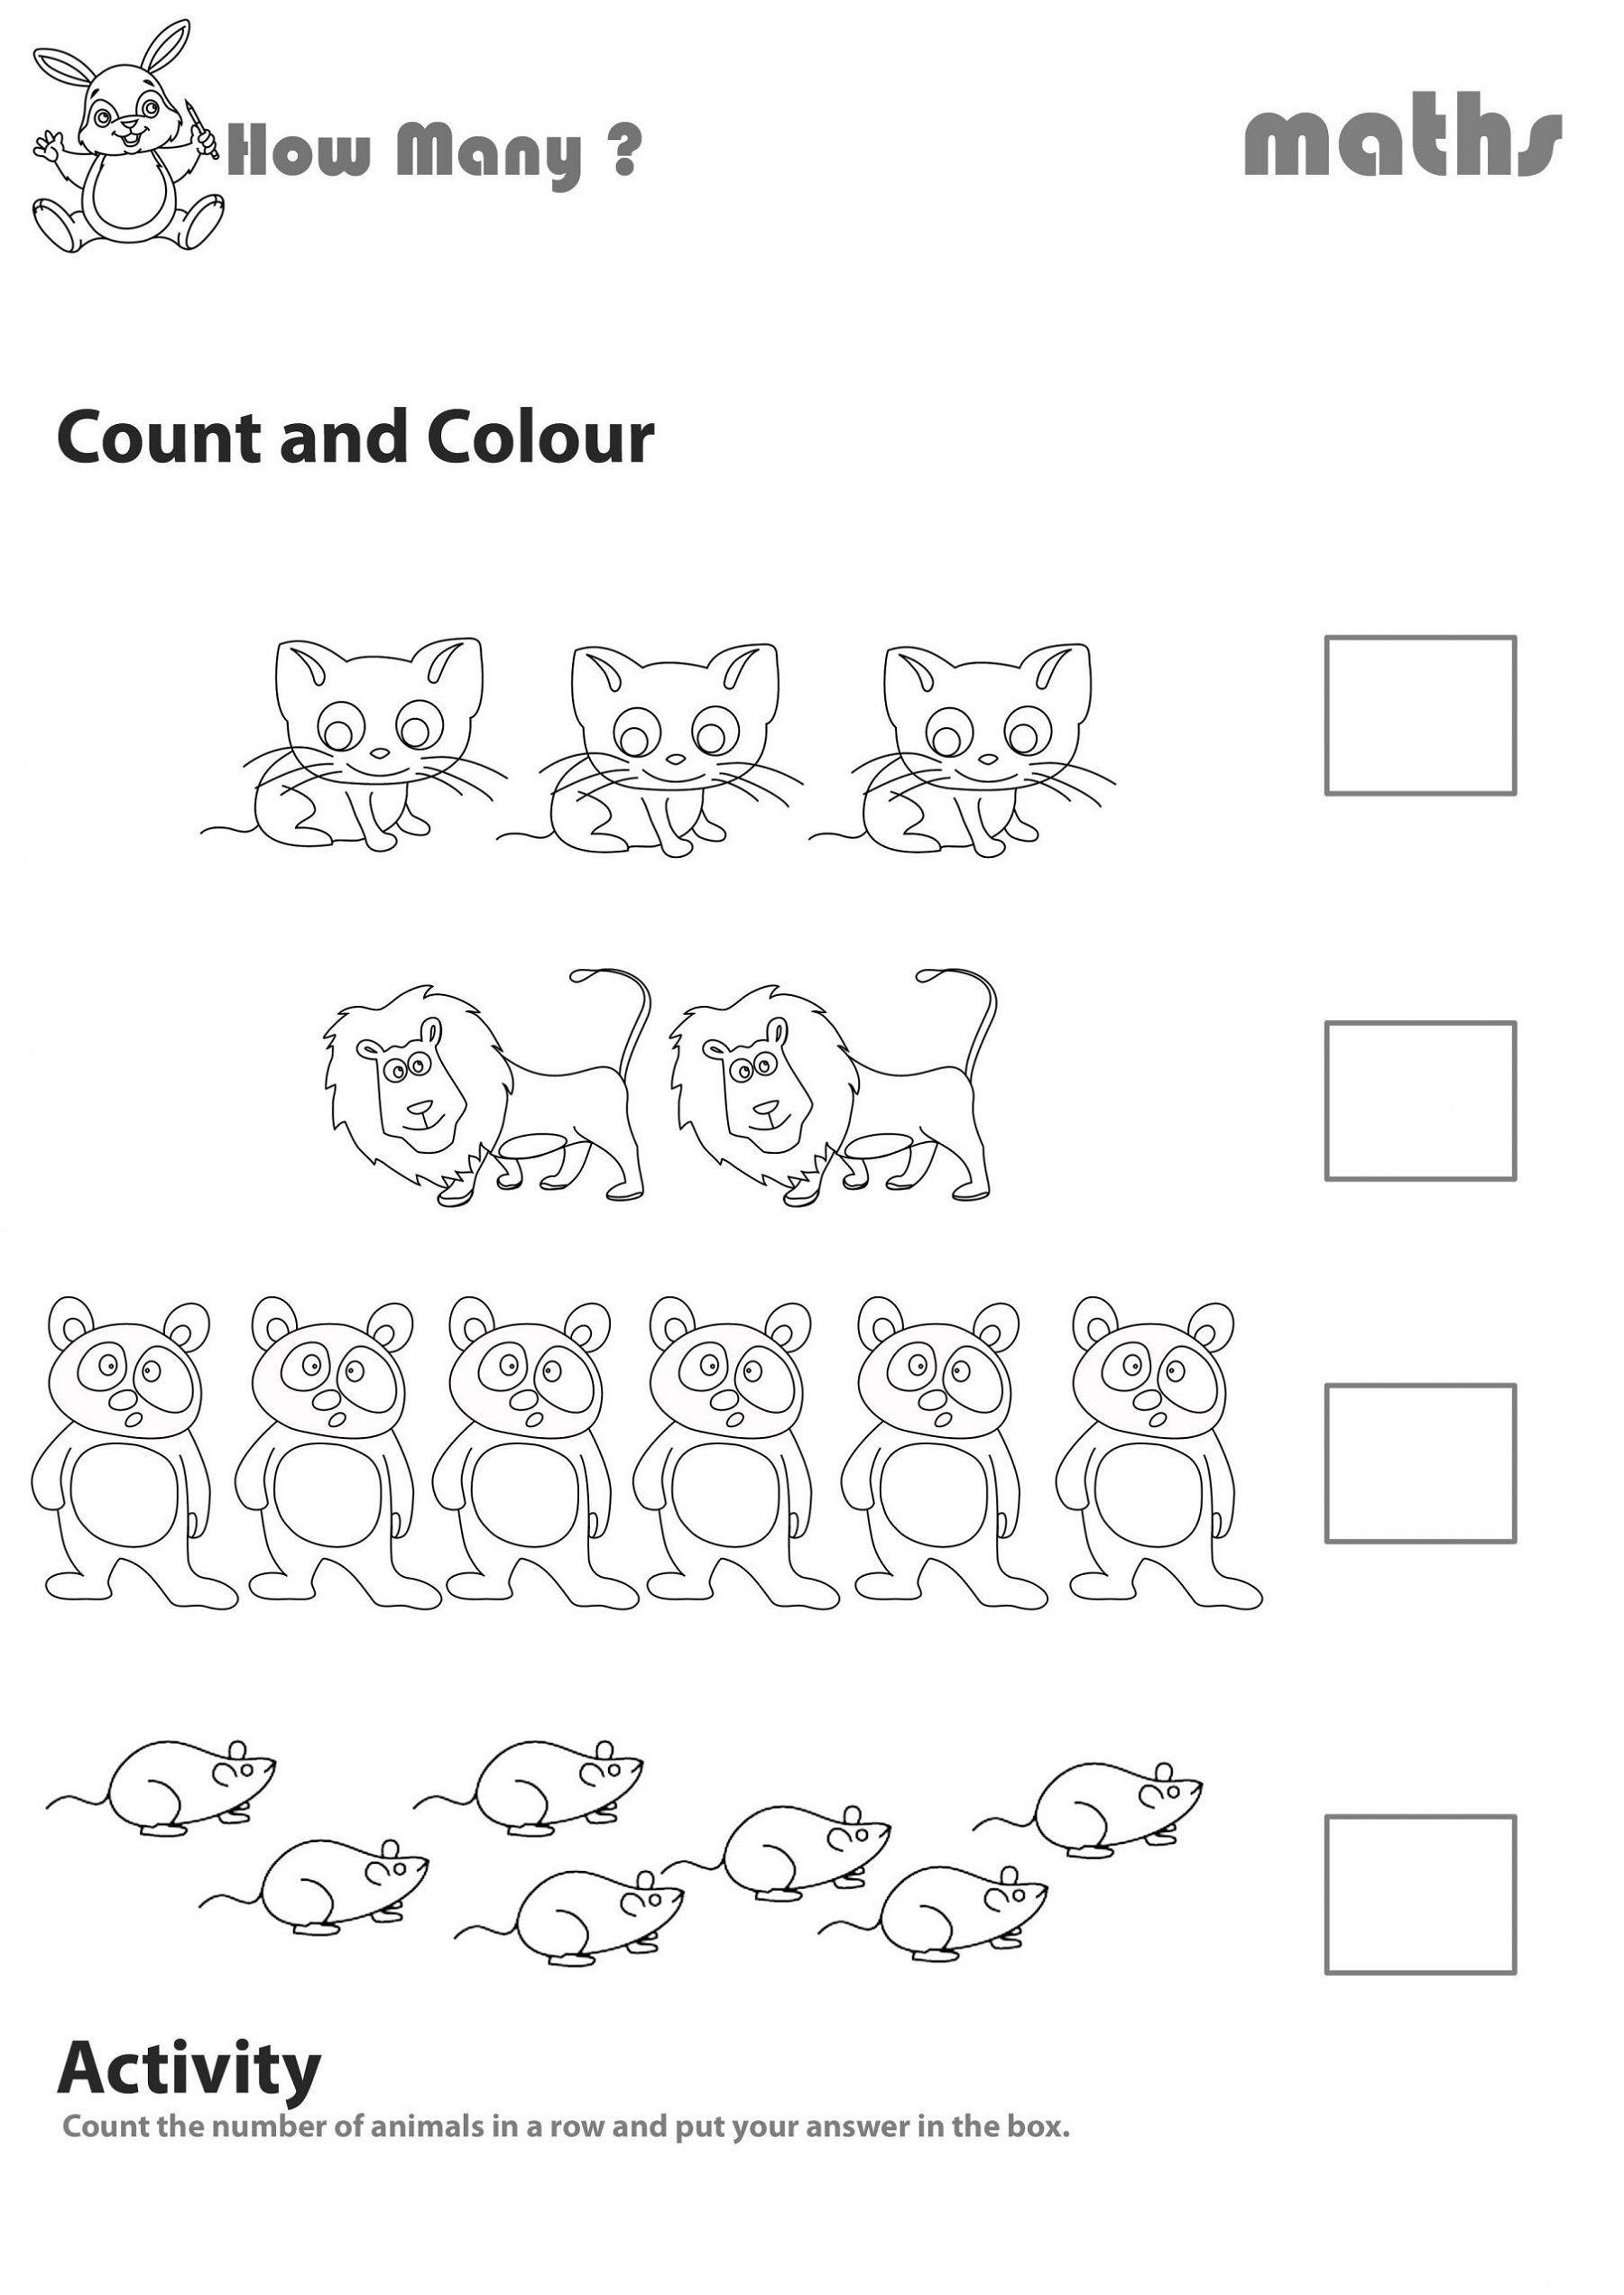 Tally Mark Worksheets For Kindergarten In 2021 Alphabet Worksheets Preschool Color Worksheets Kids Math Worksheets